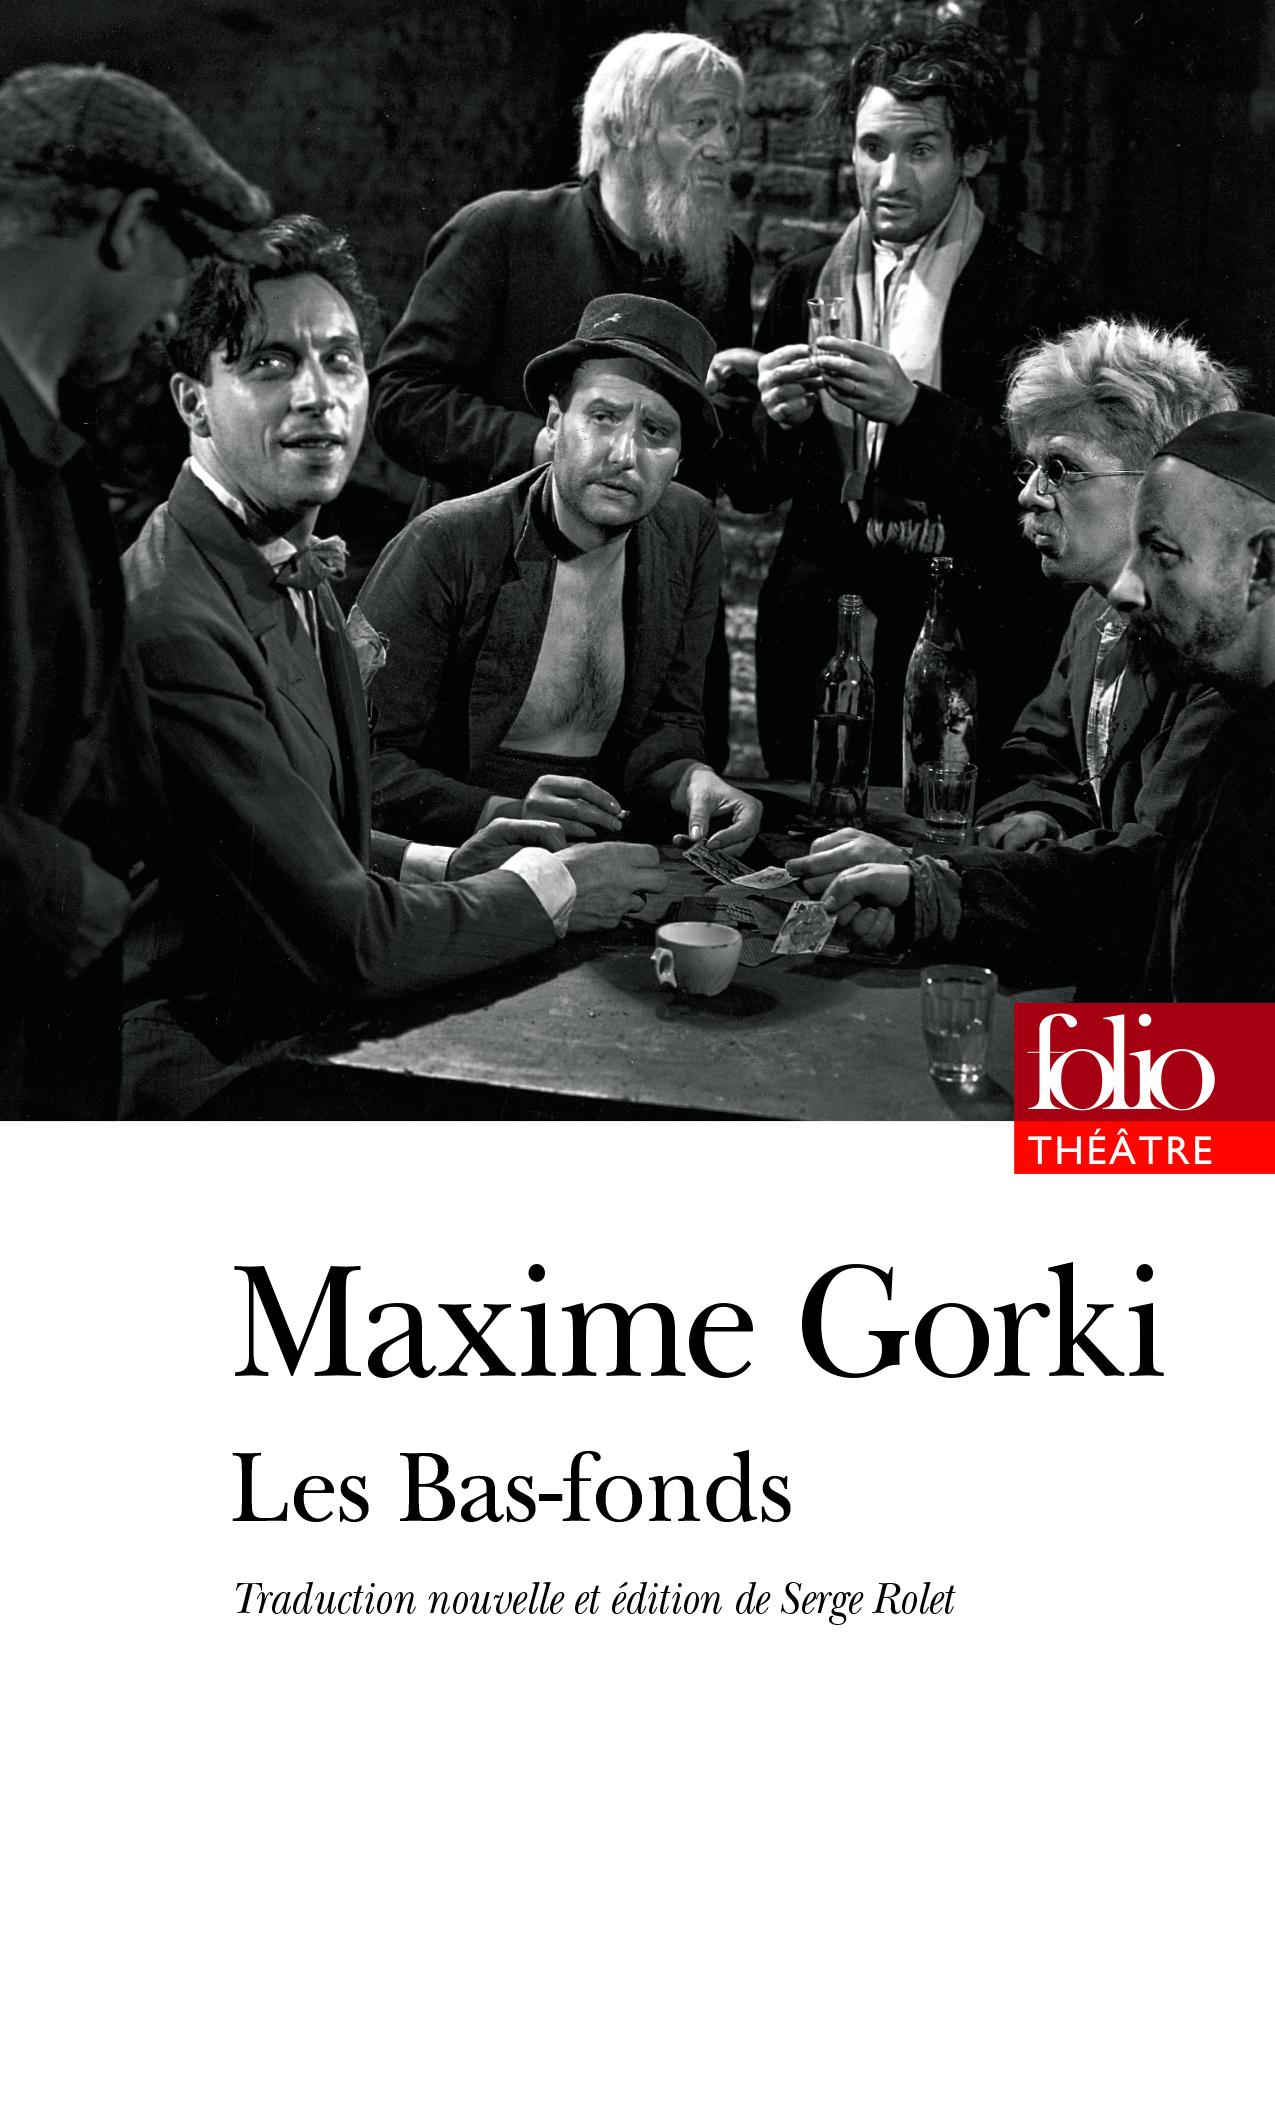 M. Gorki, Les Bas-fonds (nouvelle trad., Folio Théâtre)